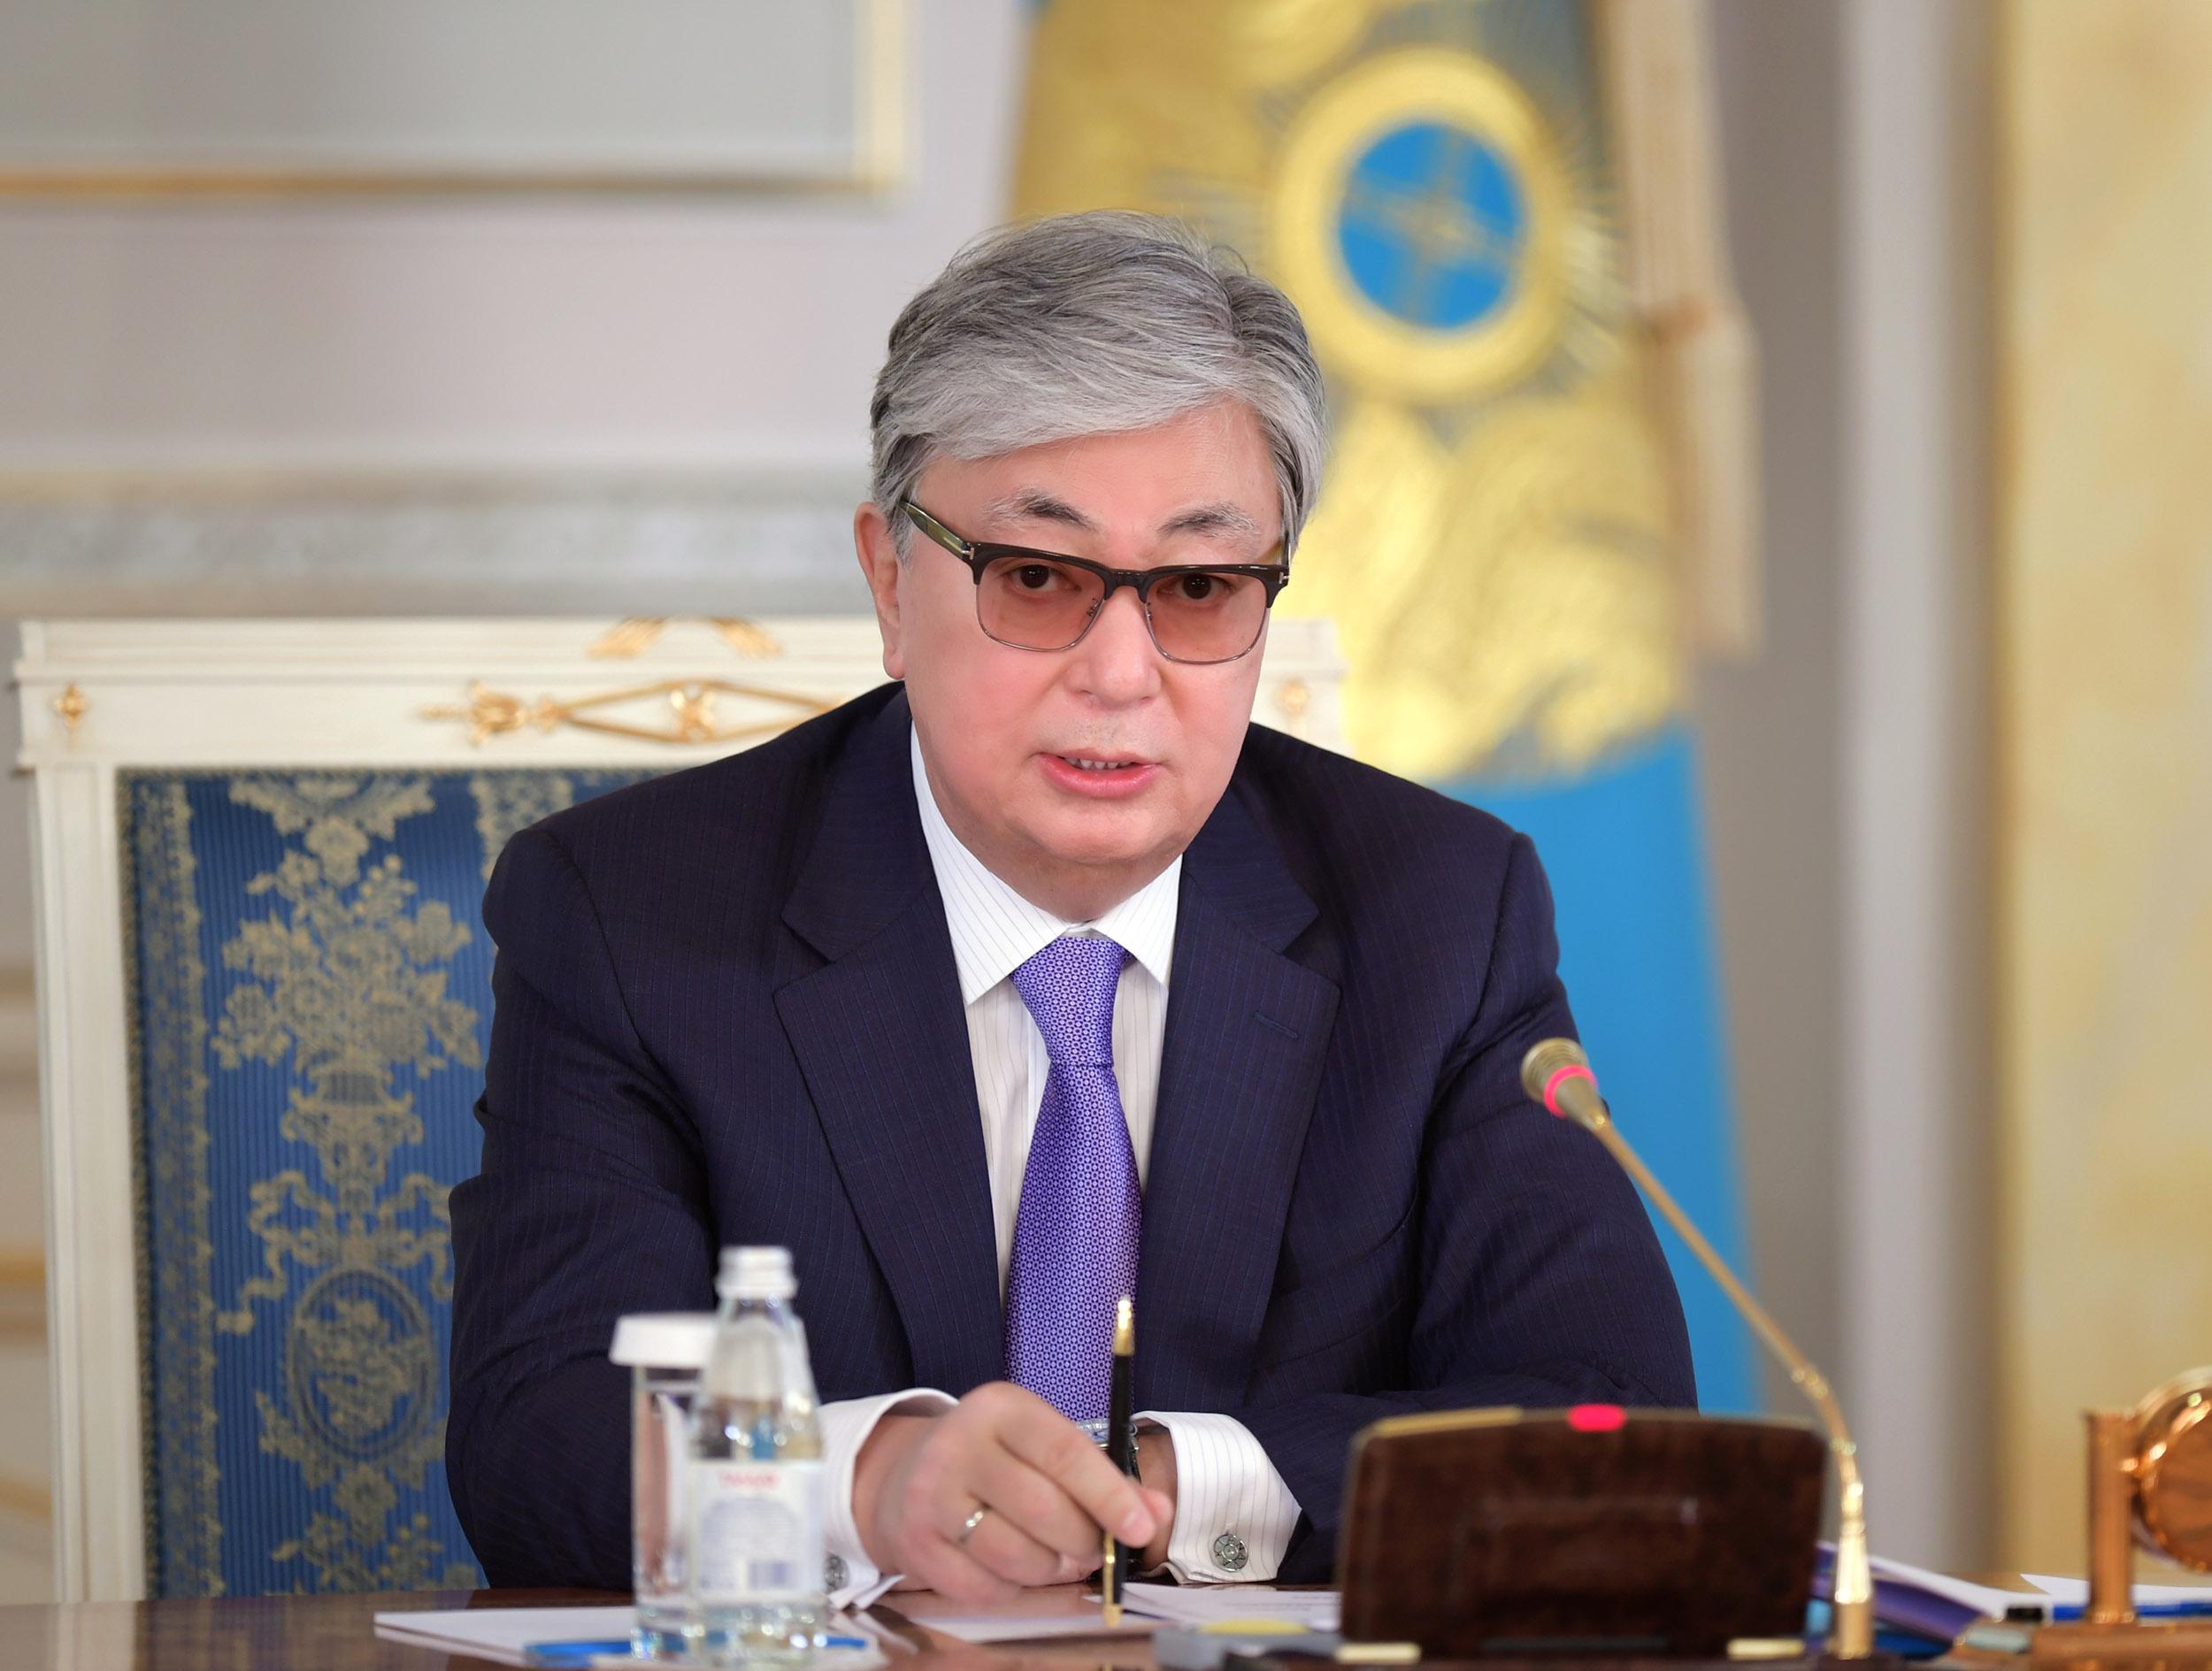 Токаев после выборов проконсультируется с парламентом по кандидатурам нового состава правительства Казахстана